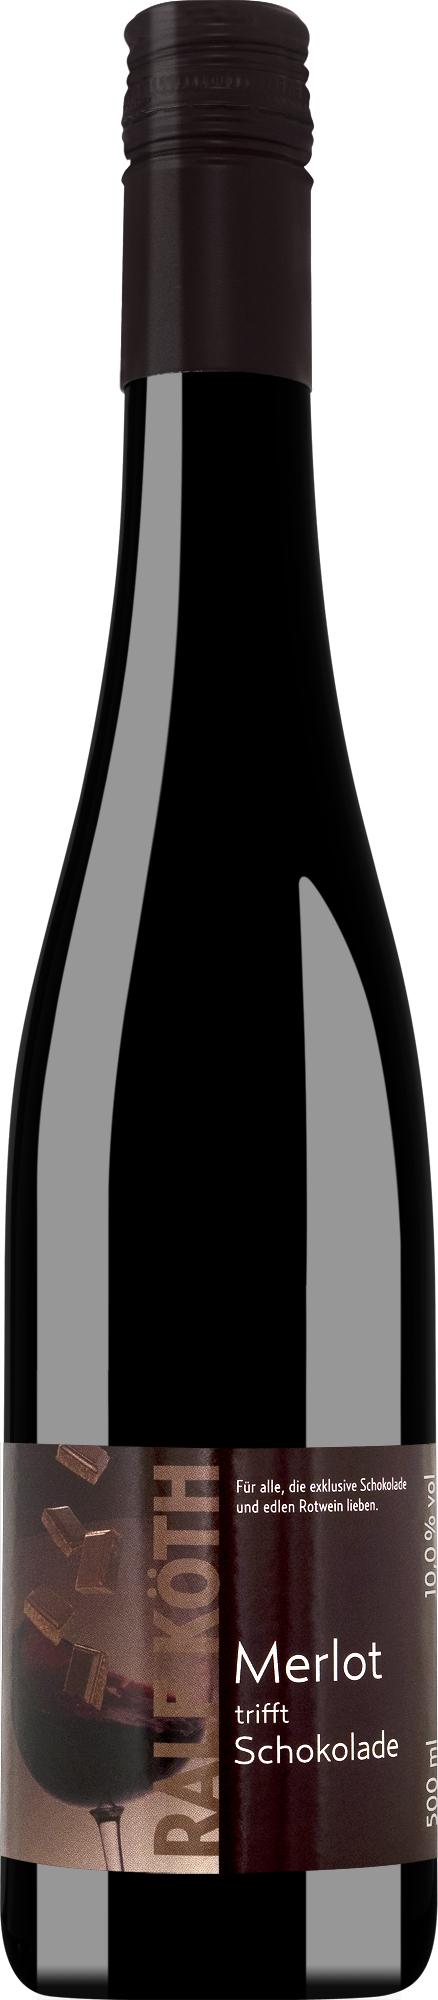 5l   - Rotwein